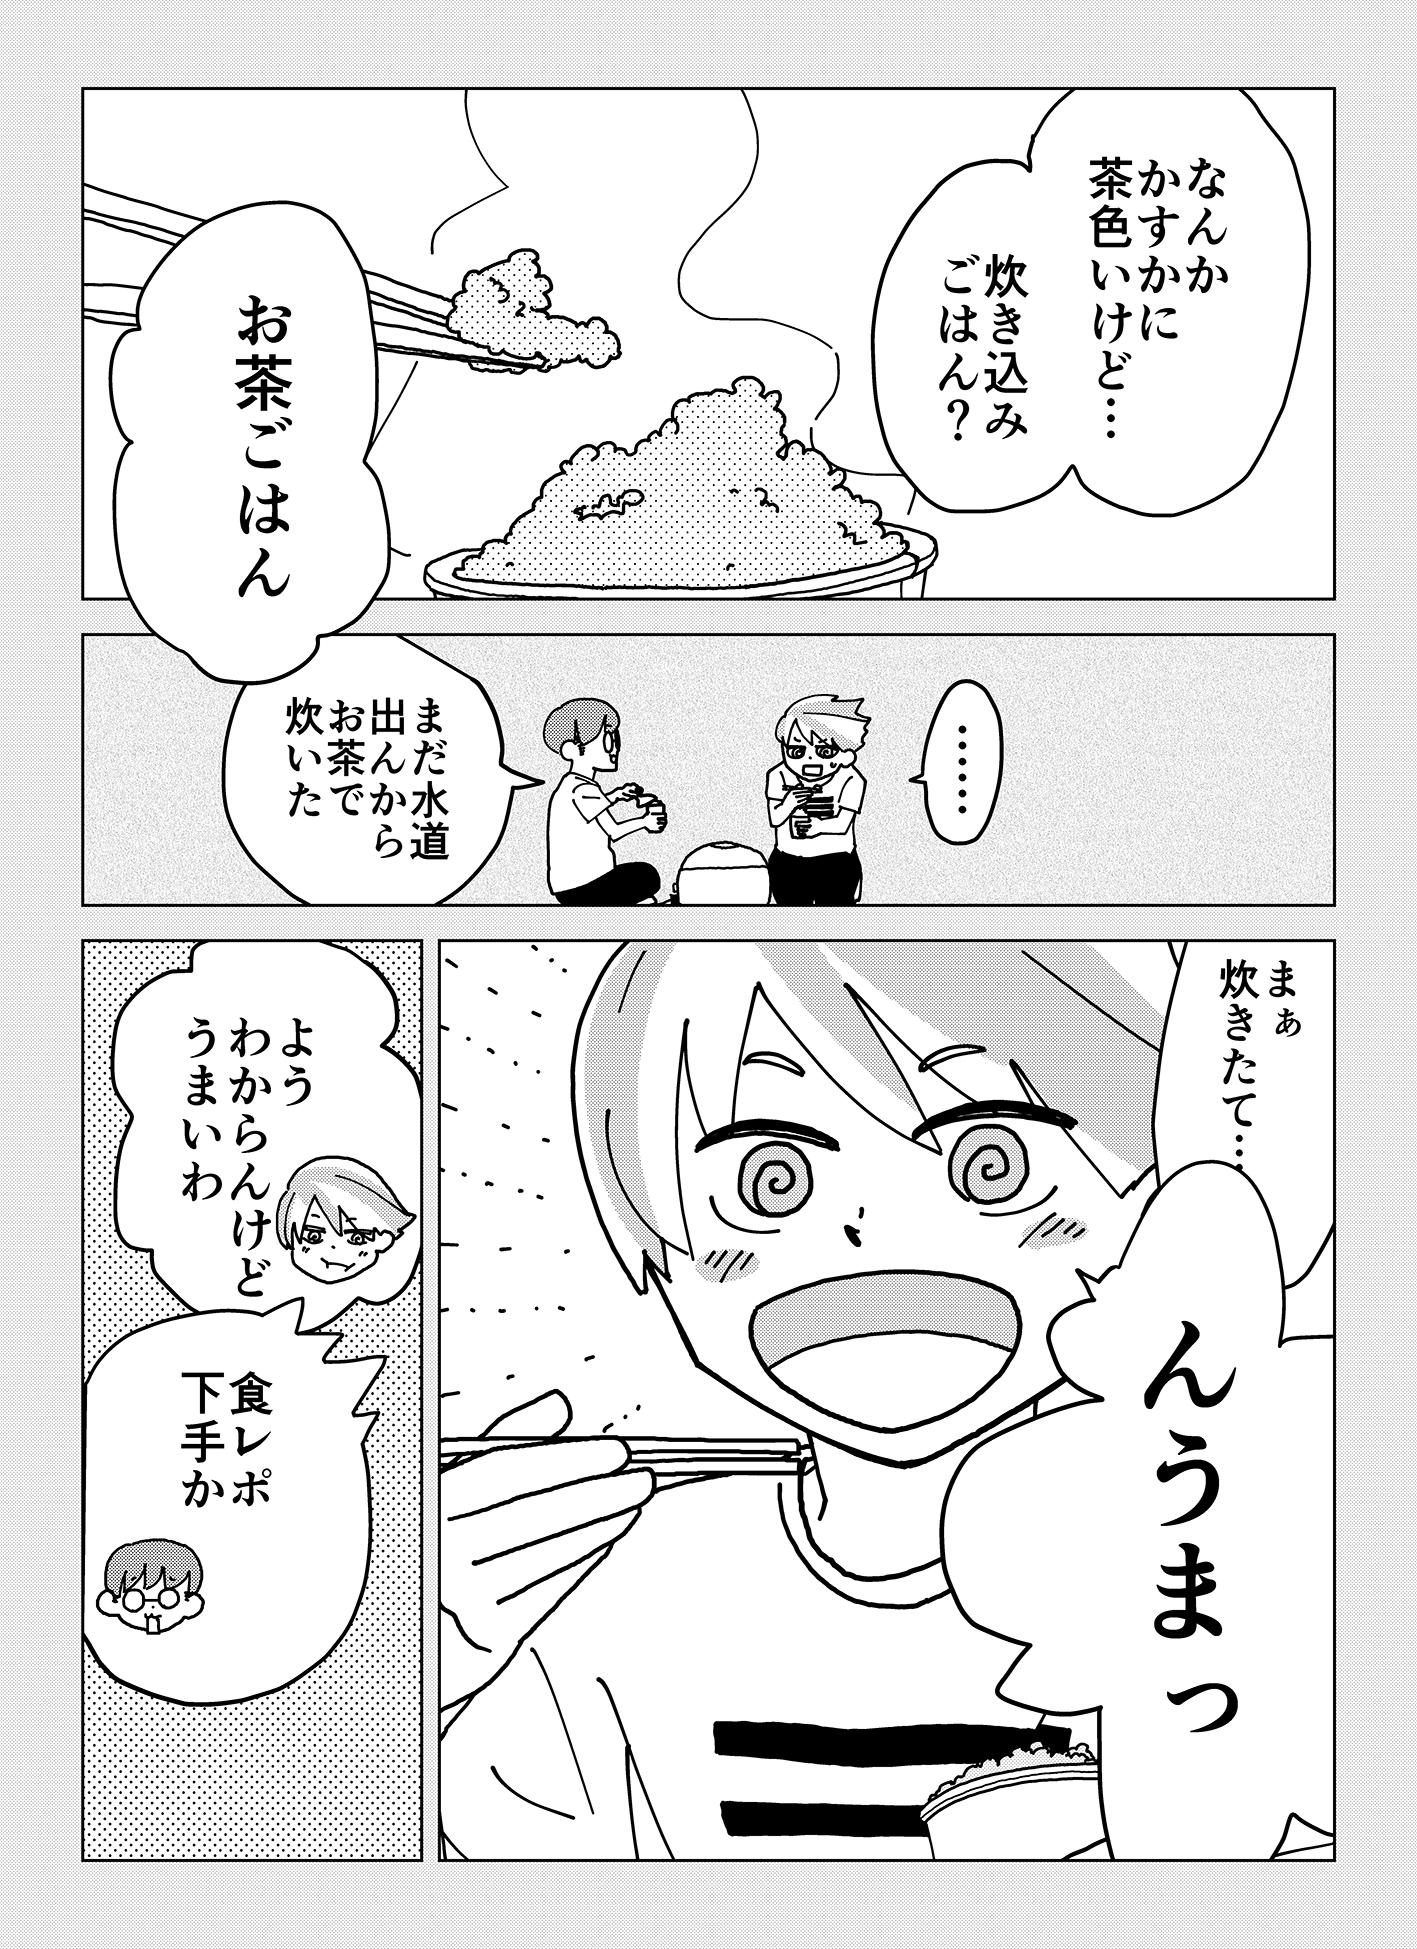 share_b_009